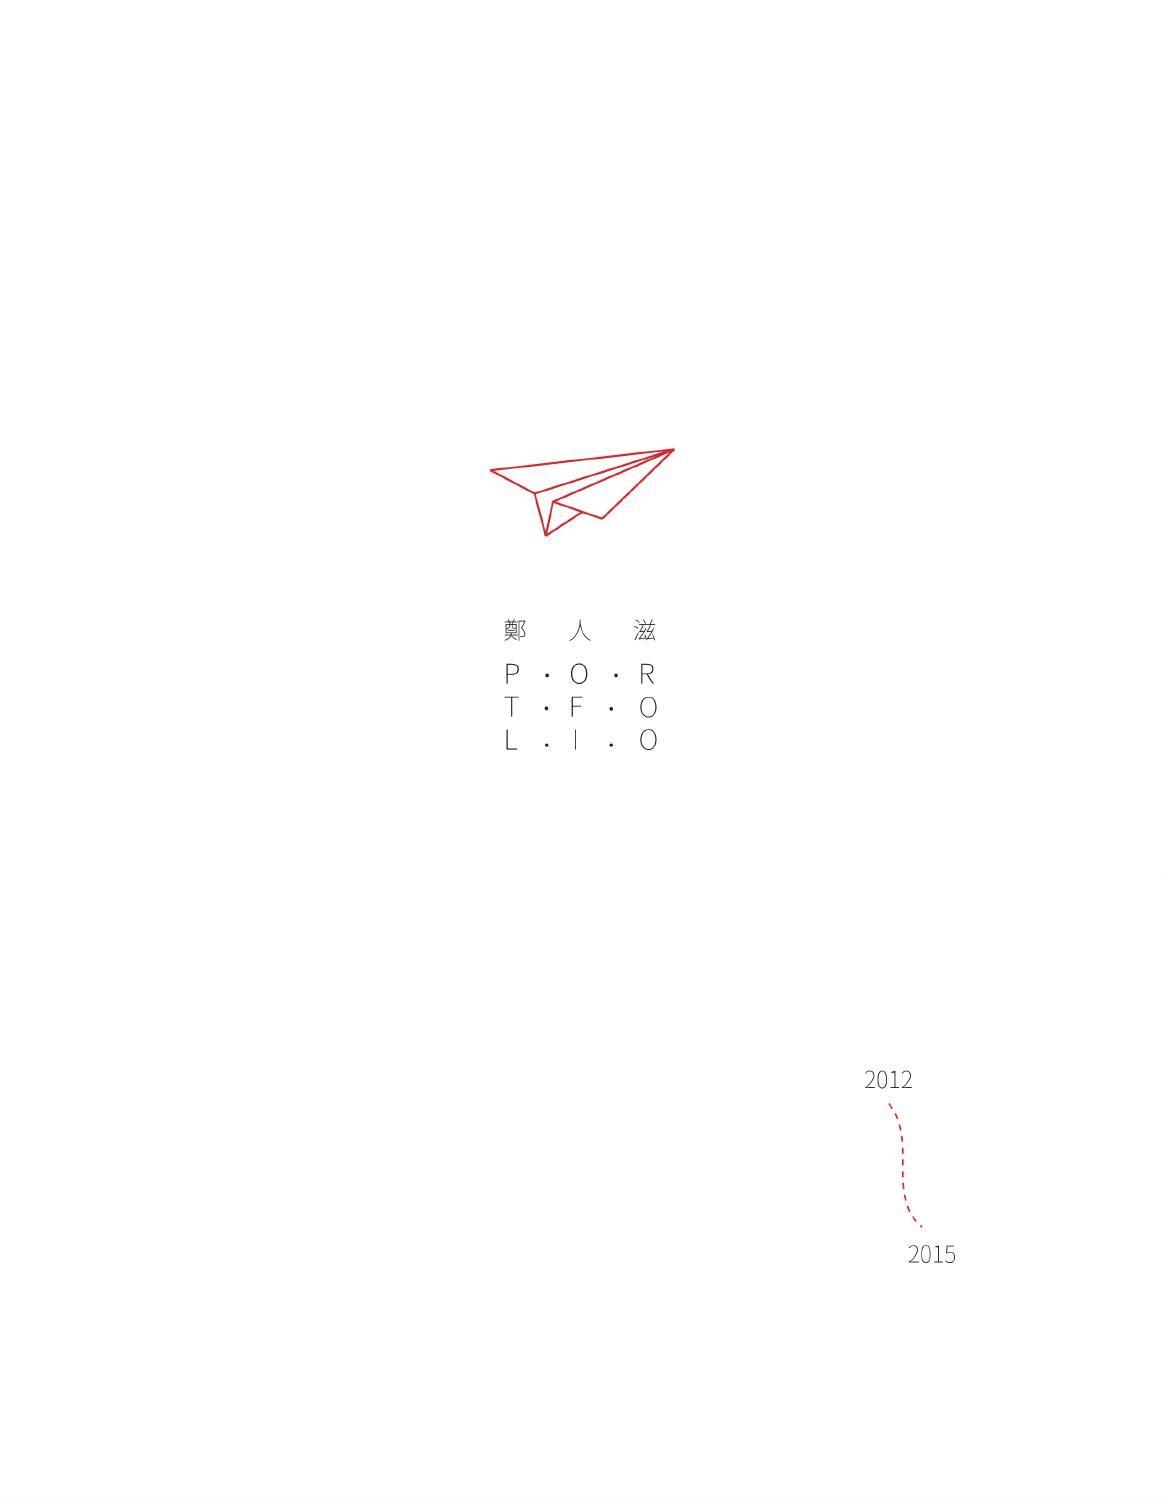 cheng jen tzu issuu pinterest portfolio cover design